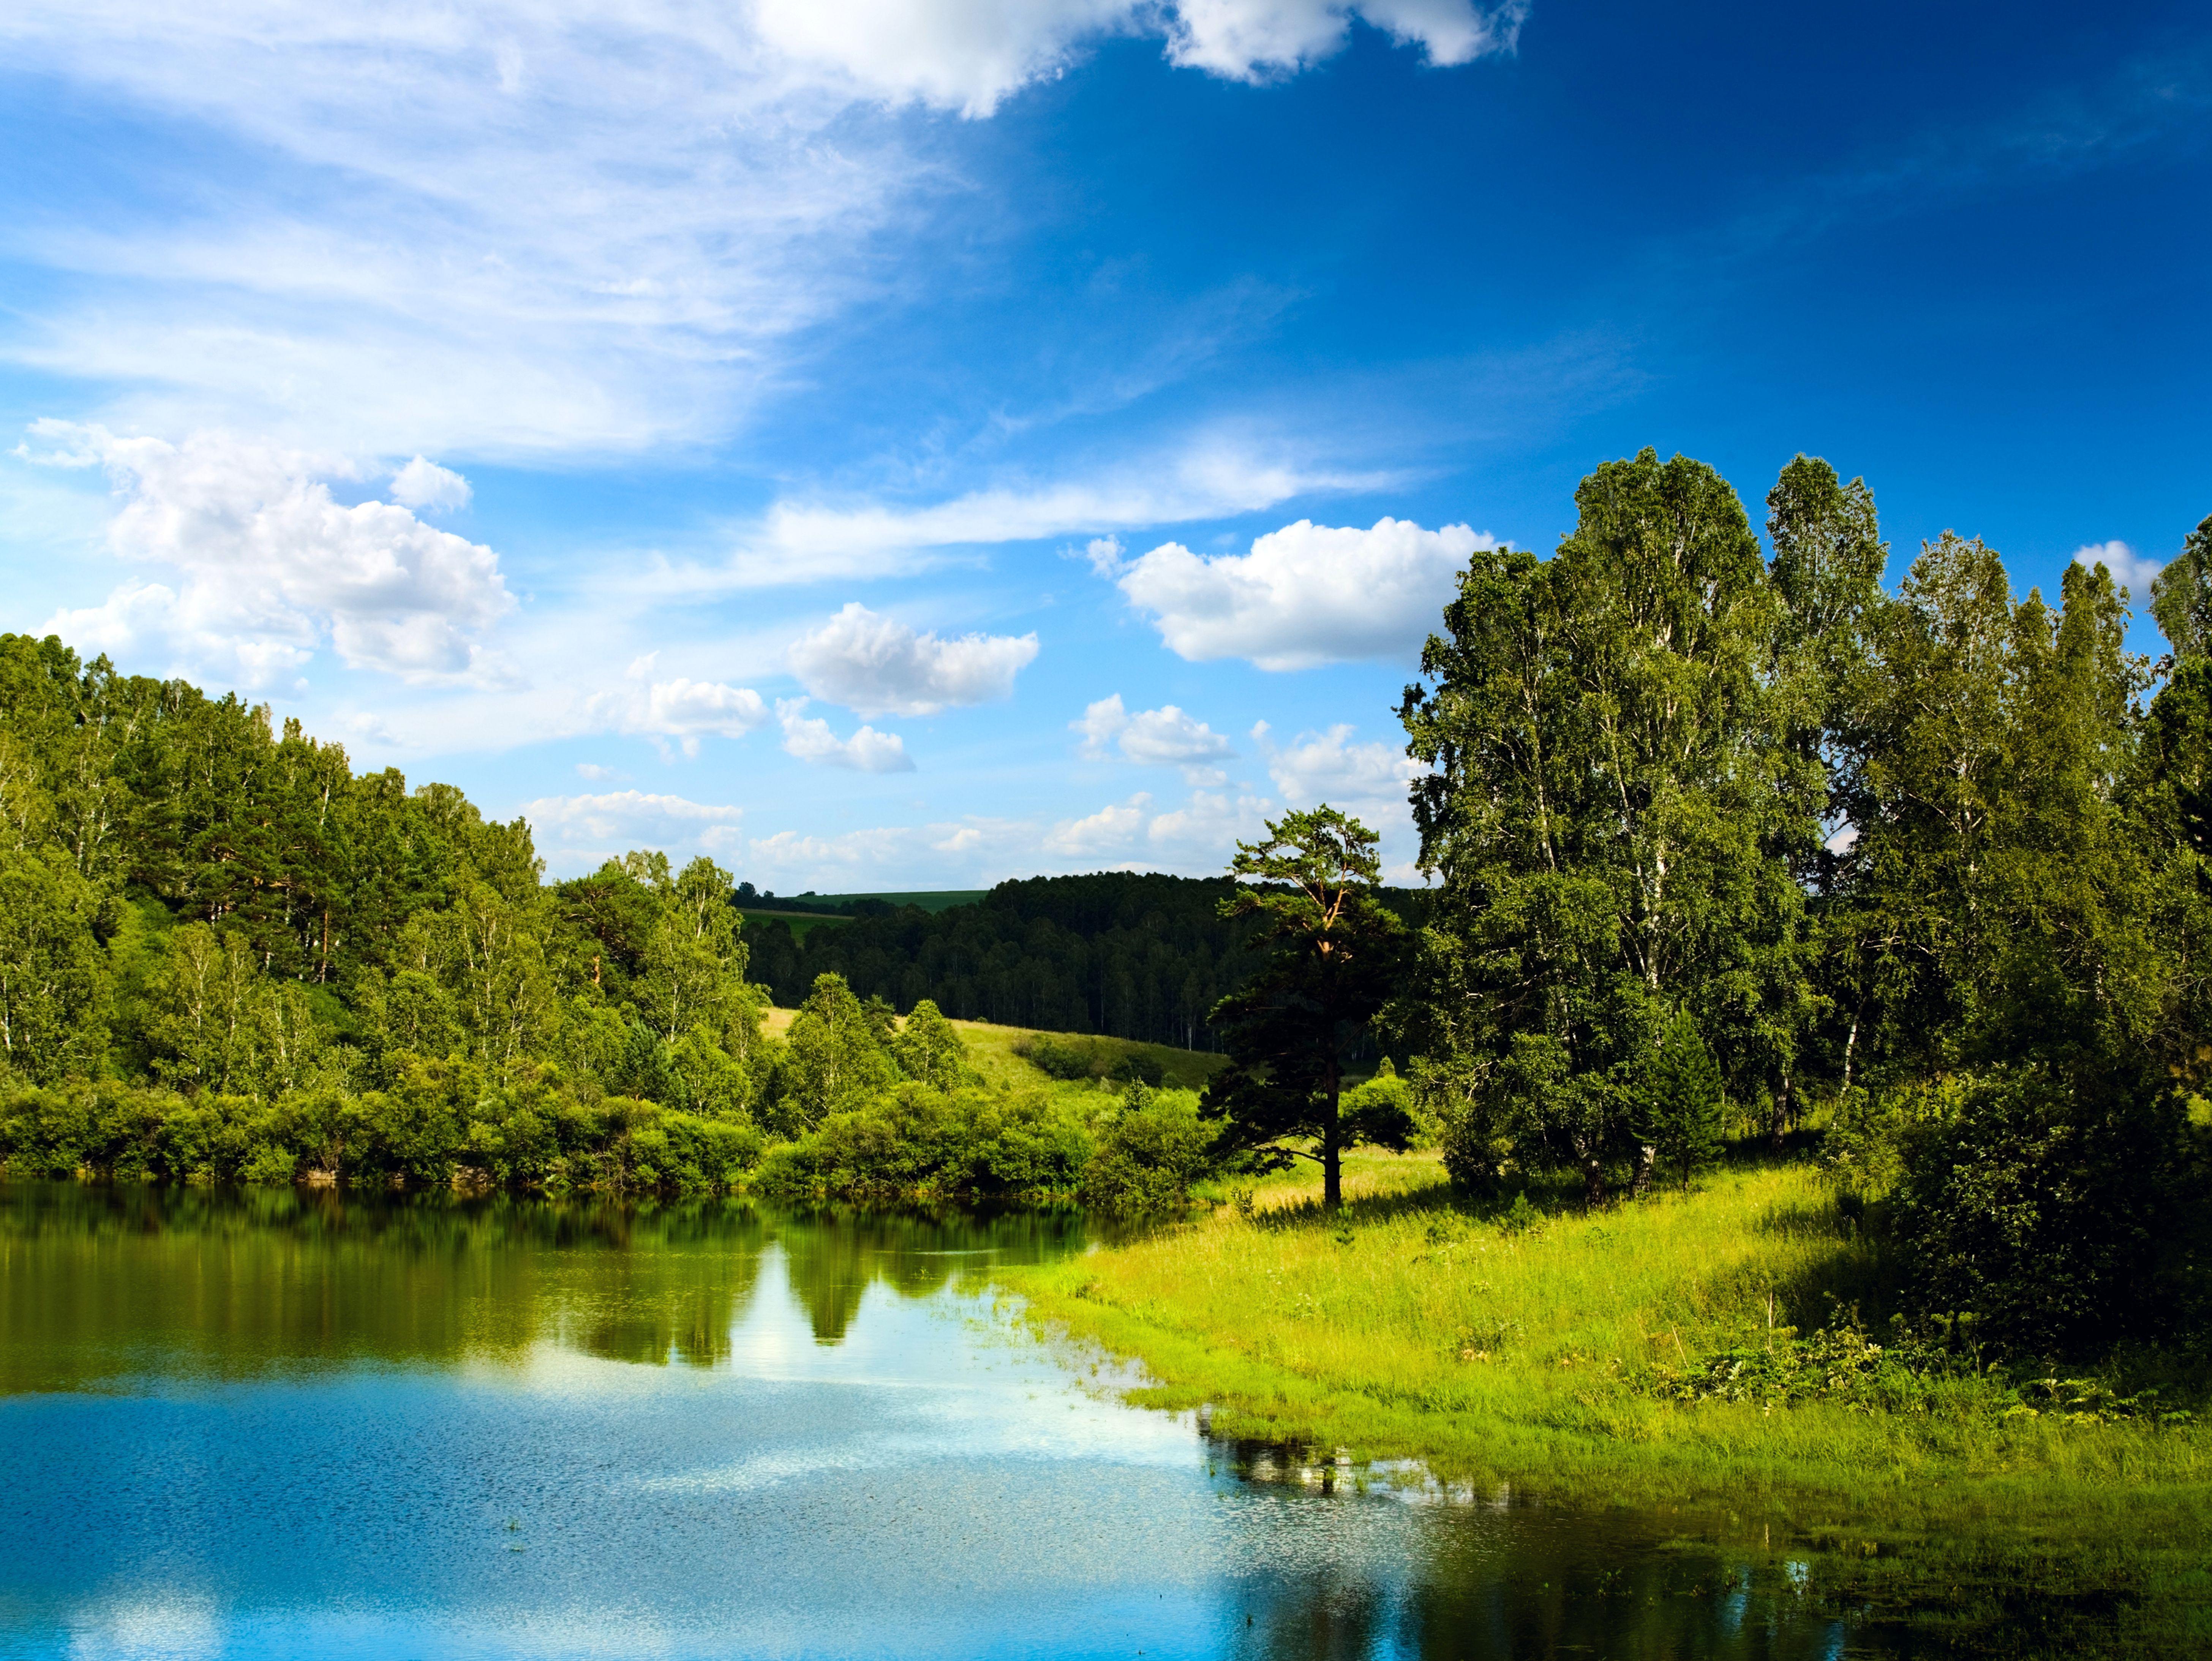 Русская природа красивые фото в высоком разрешении